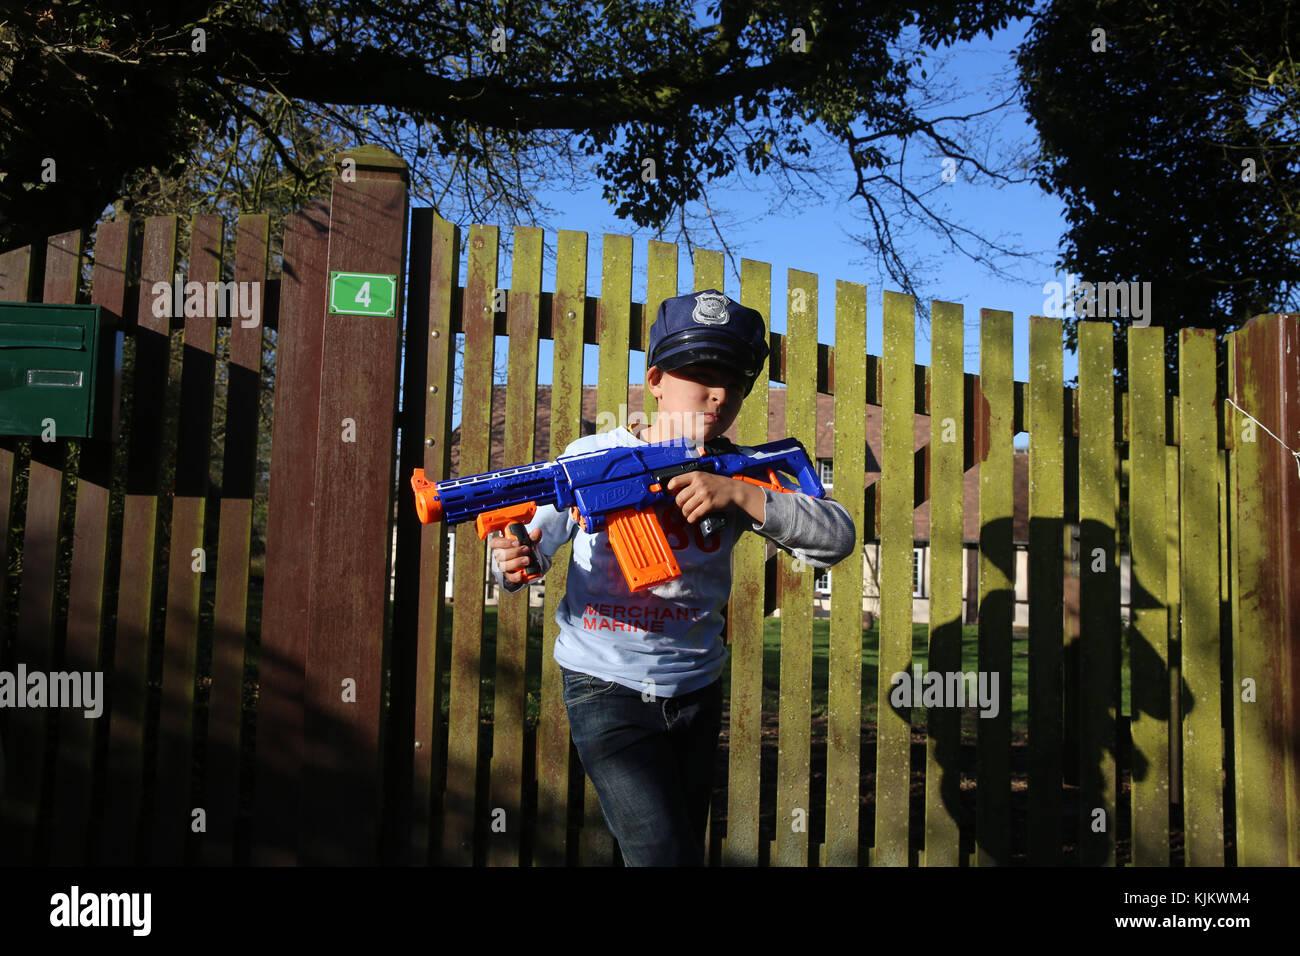 Junge spielt mit einer Spielzeugpistole. Frankreich. Stockbild